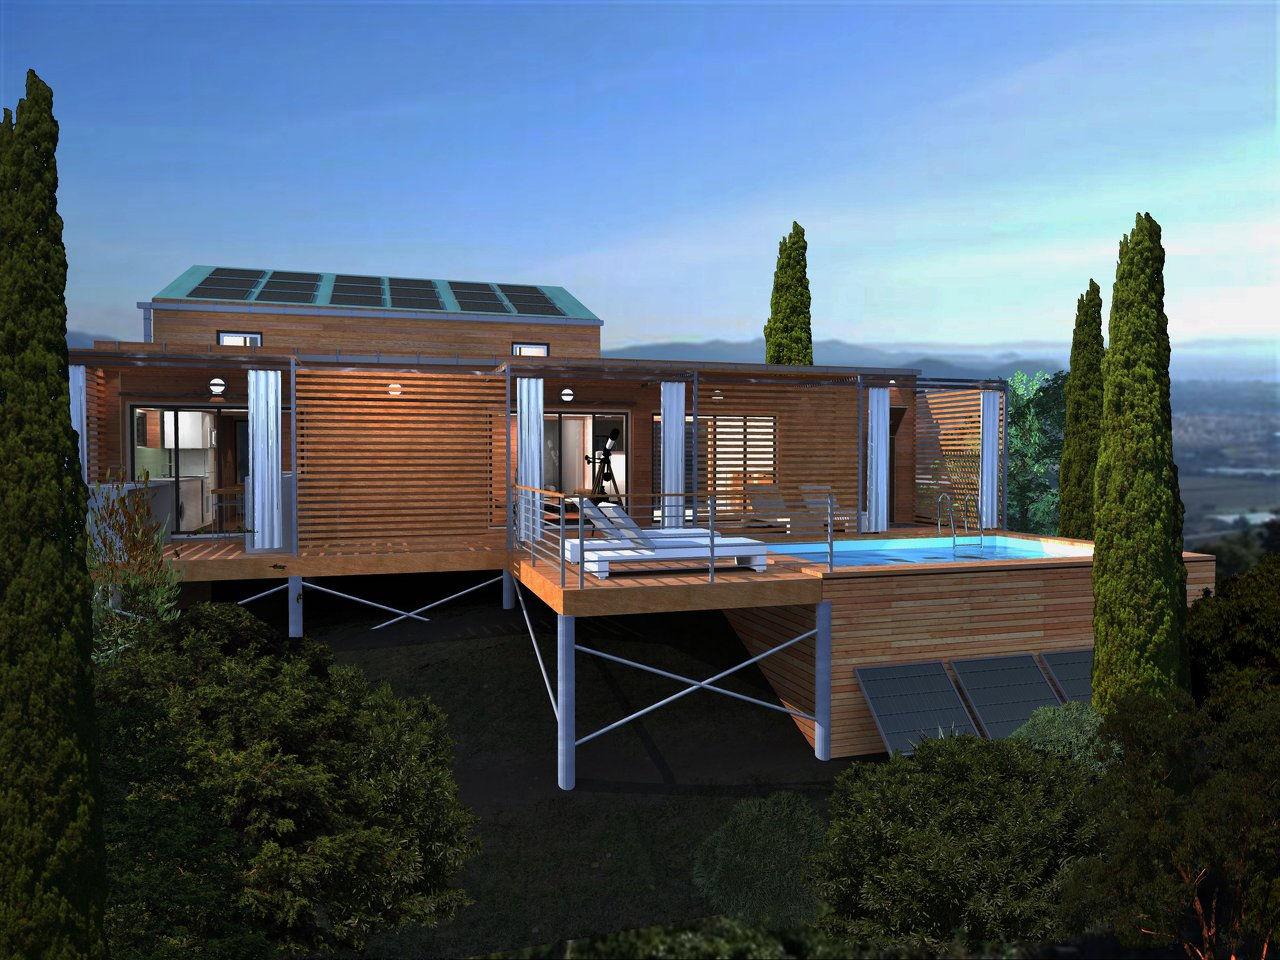 alain guilloux infographie architecture 3d cr ateur site web gallerie 3d. Black Bedroom Furniture Sets. Home Design Ideas